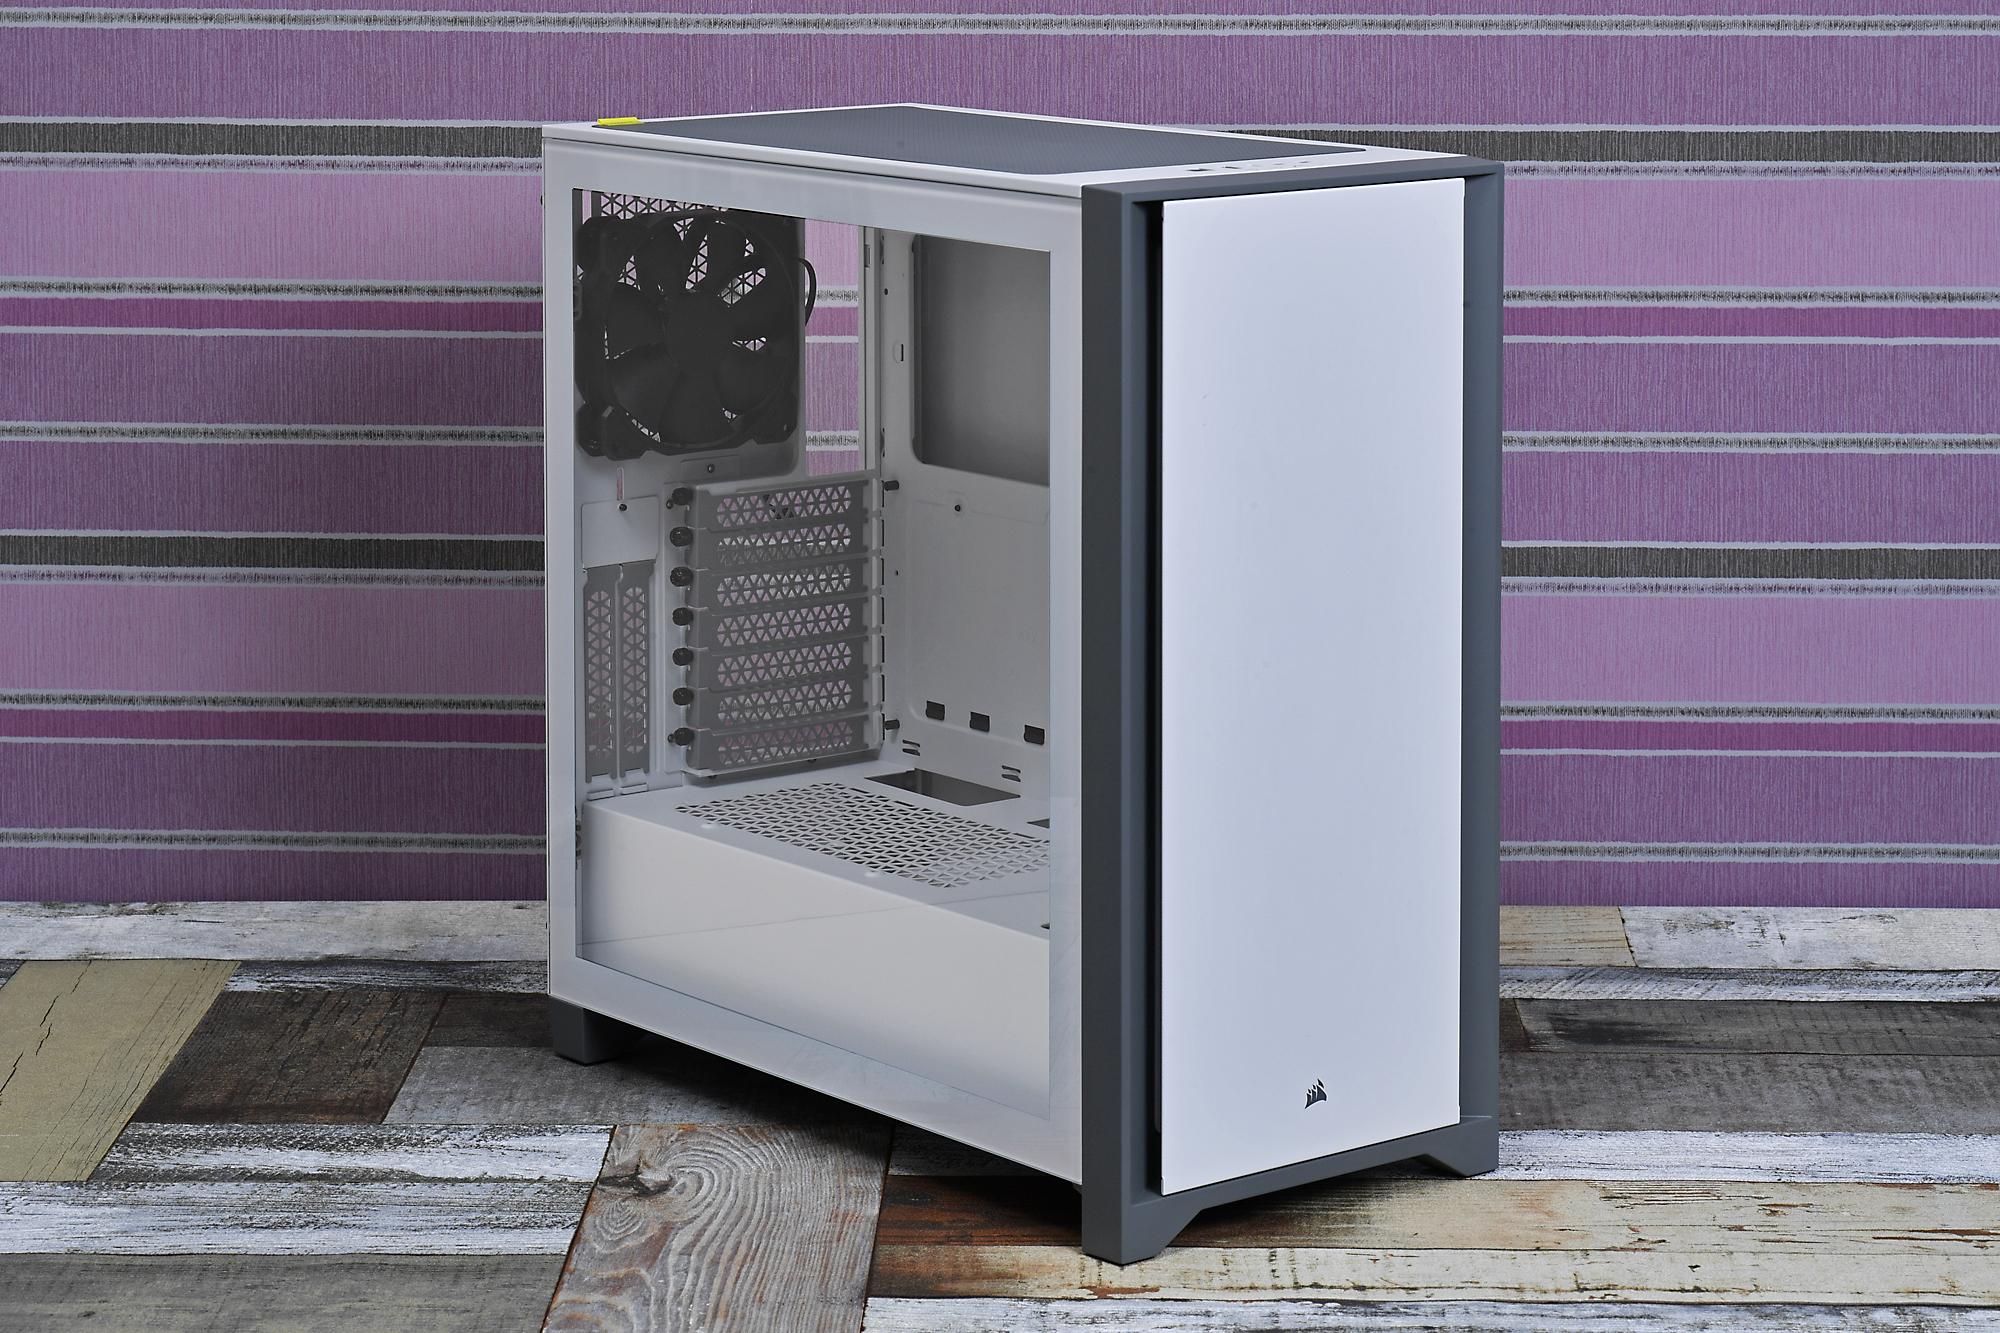 シリーズの中核となるスタンダードモデル「4000D Tempered Glass」。実売価格は税込12,000円前後で、カラーはブラックとホワイトの2色。